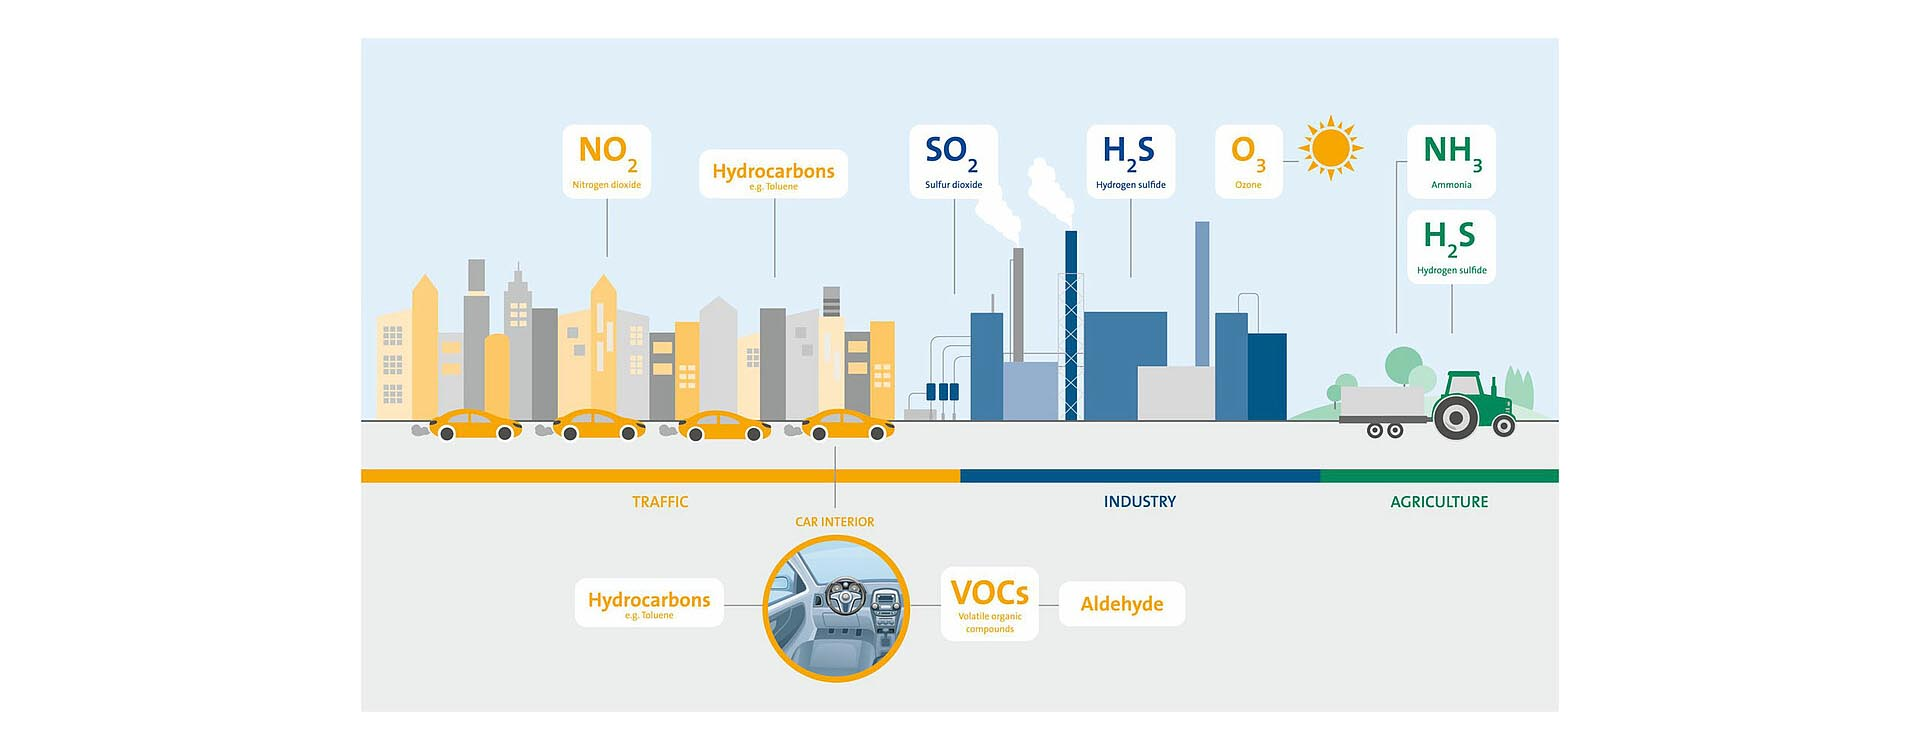 micronAir Gas shield cabin air filter explained